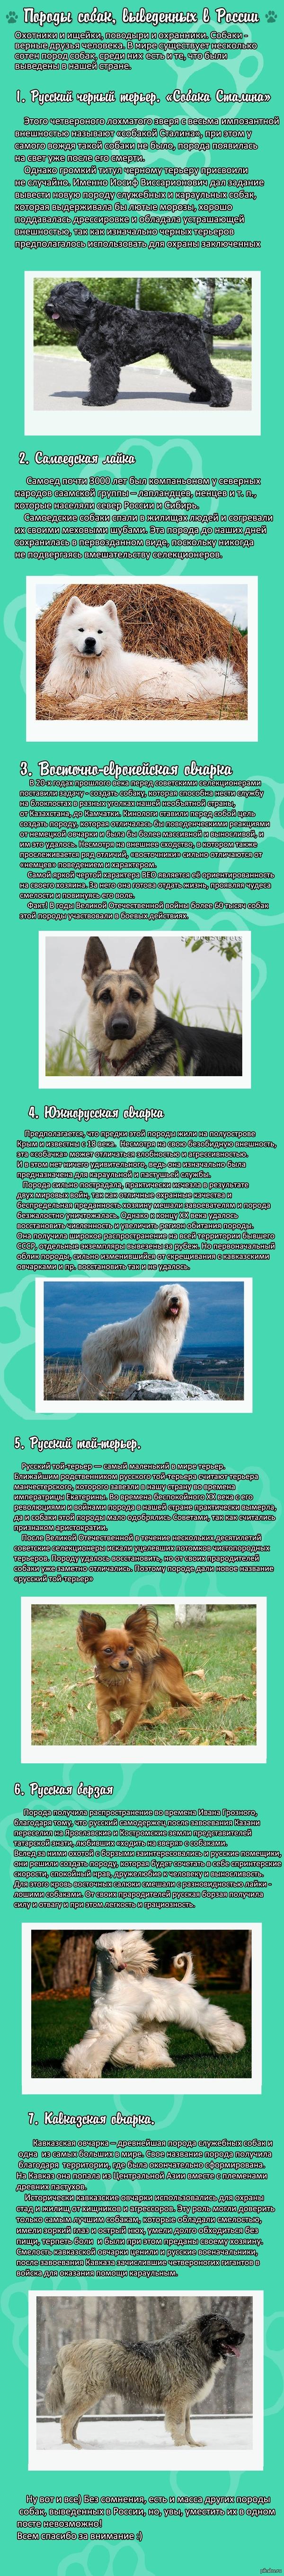 Интересные породы собак, выведенных в нашей стране Надеюсь, кого-то заинтересует)